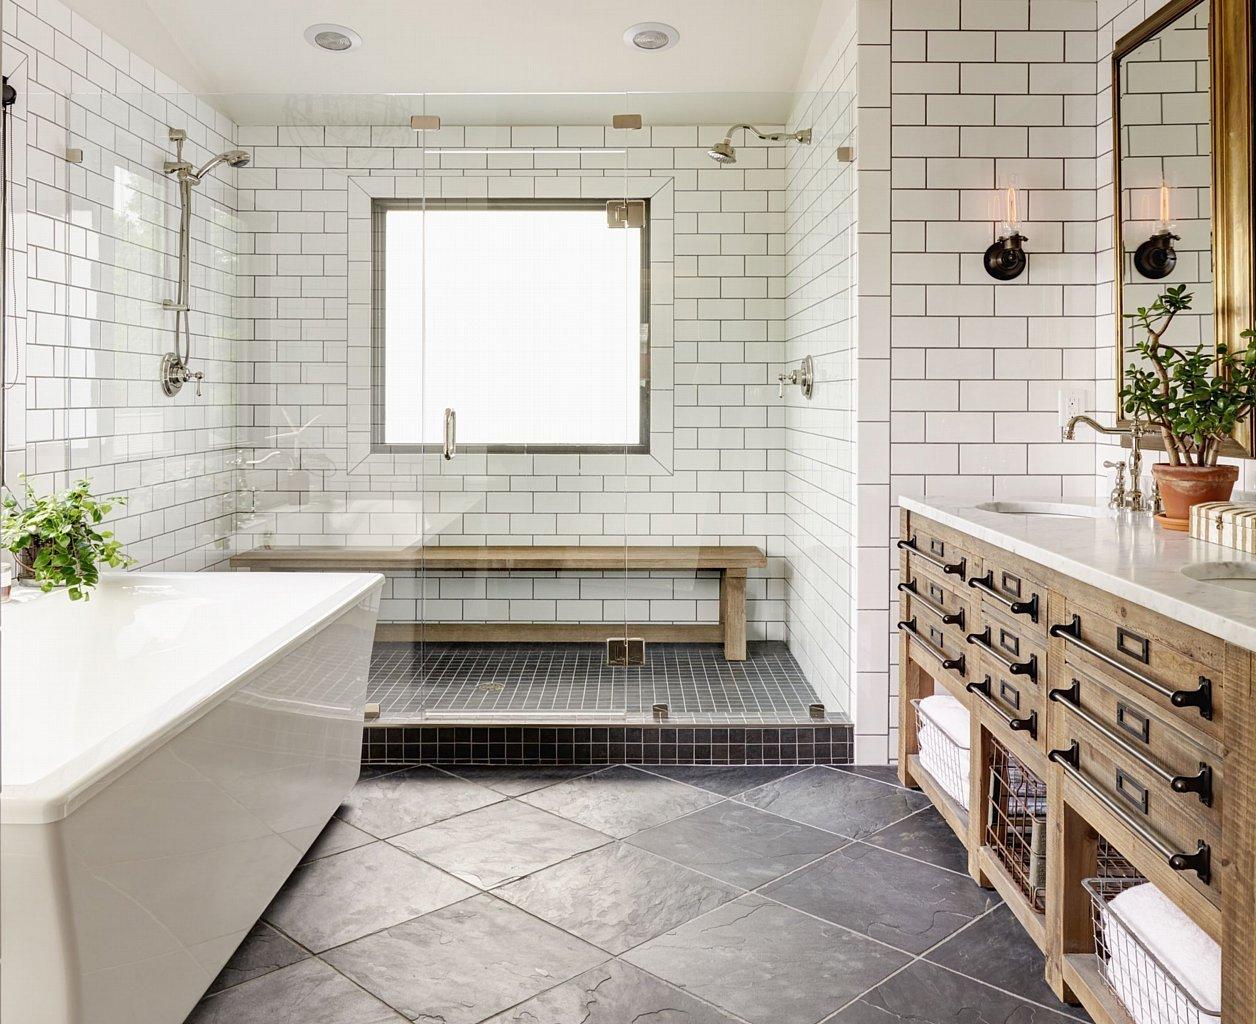 5 Easy Ways To Style a Modern Farmhouse Bathroom on Farmhouse Shower Ideas  id=39091